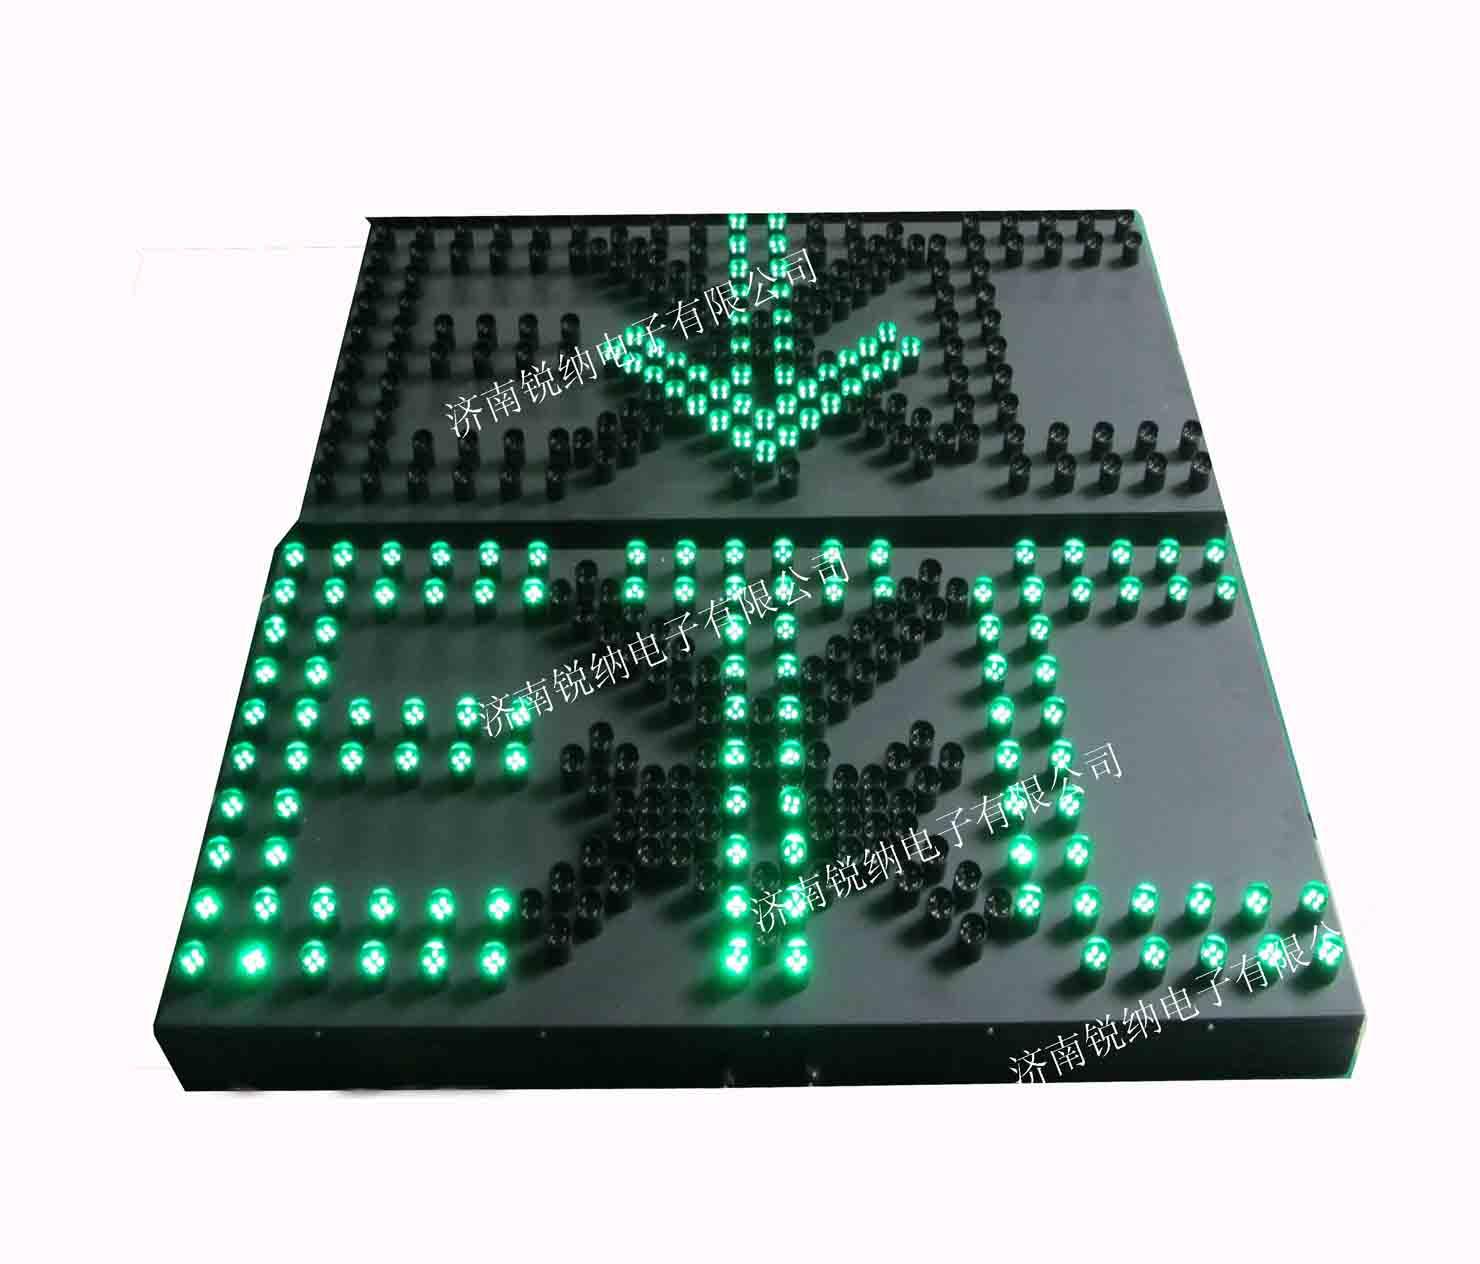 高速雨棚etc灯产品图片高清大图,本图片由济南锐纳电子有限公司提供.